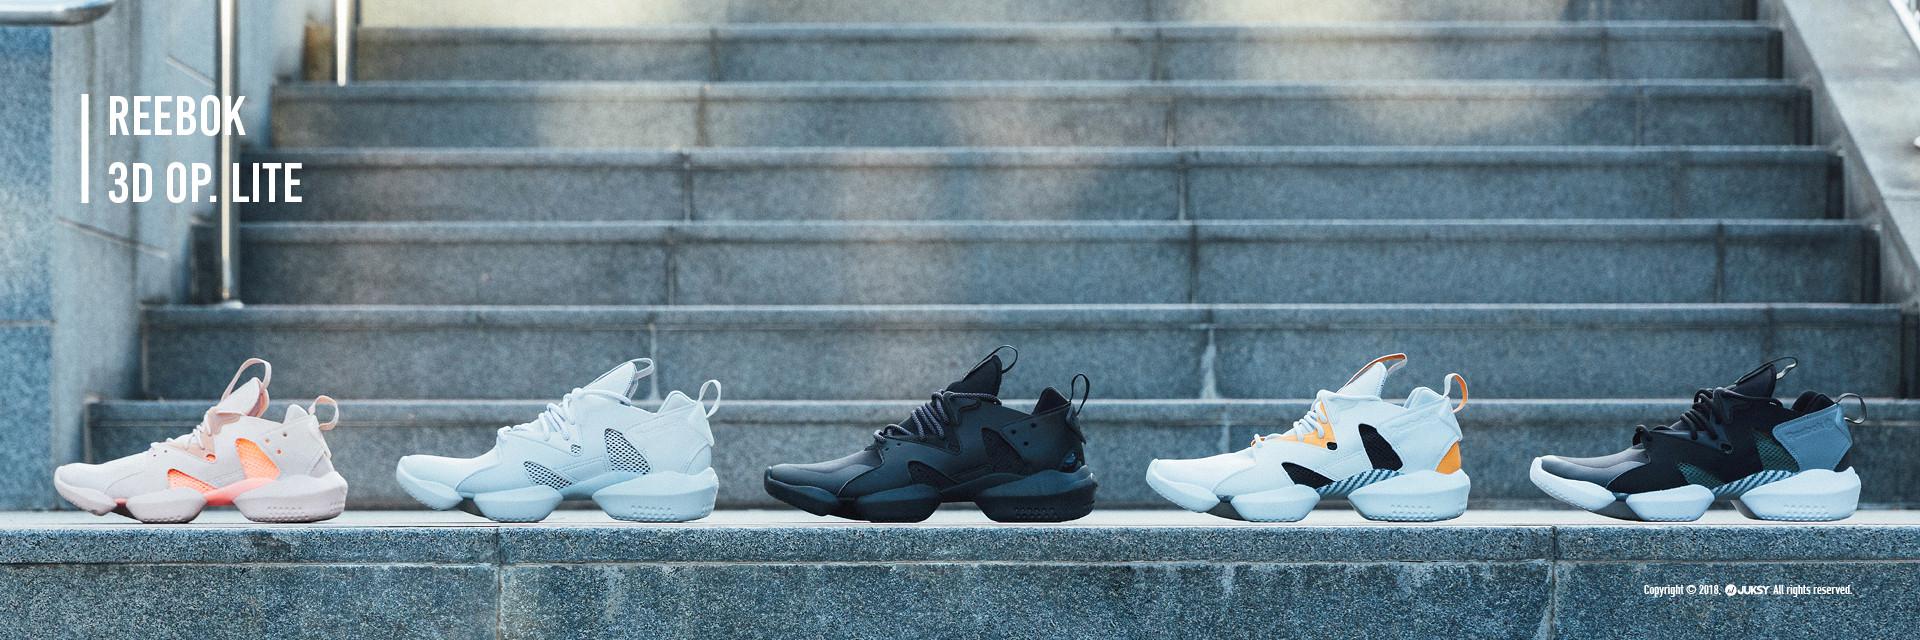 揮別老爹鞋Style,來自「未來」的鞋款Reebok 3D OP. LITE 就該這樣搭!